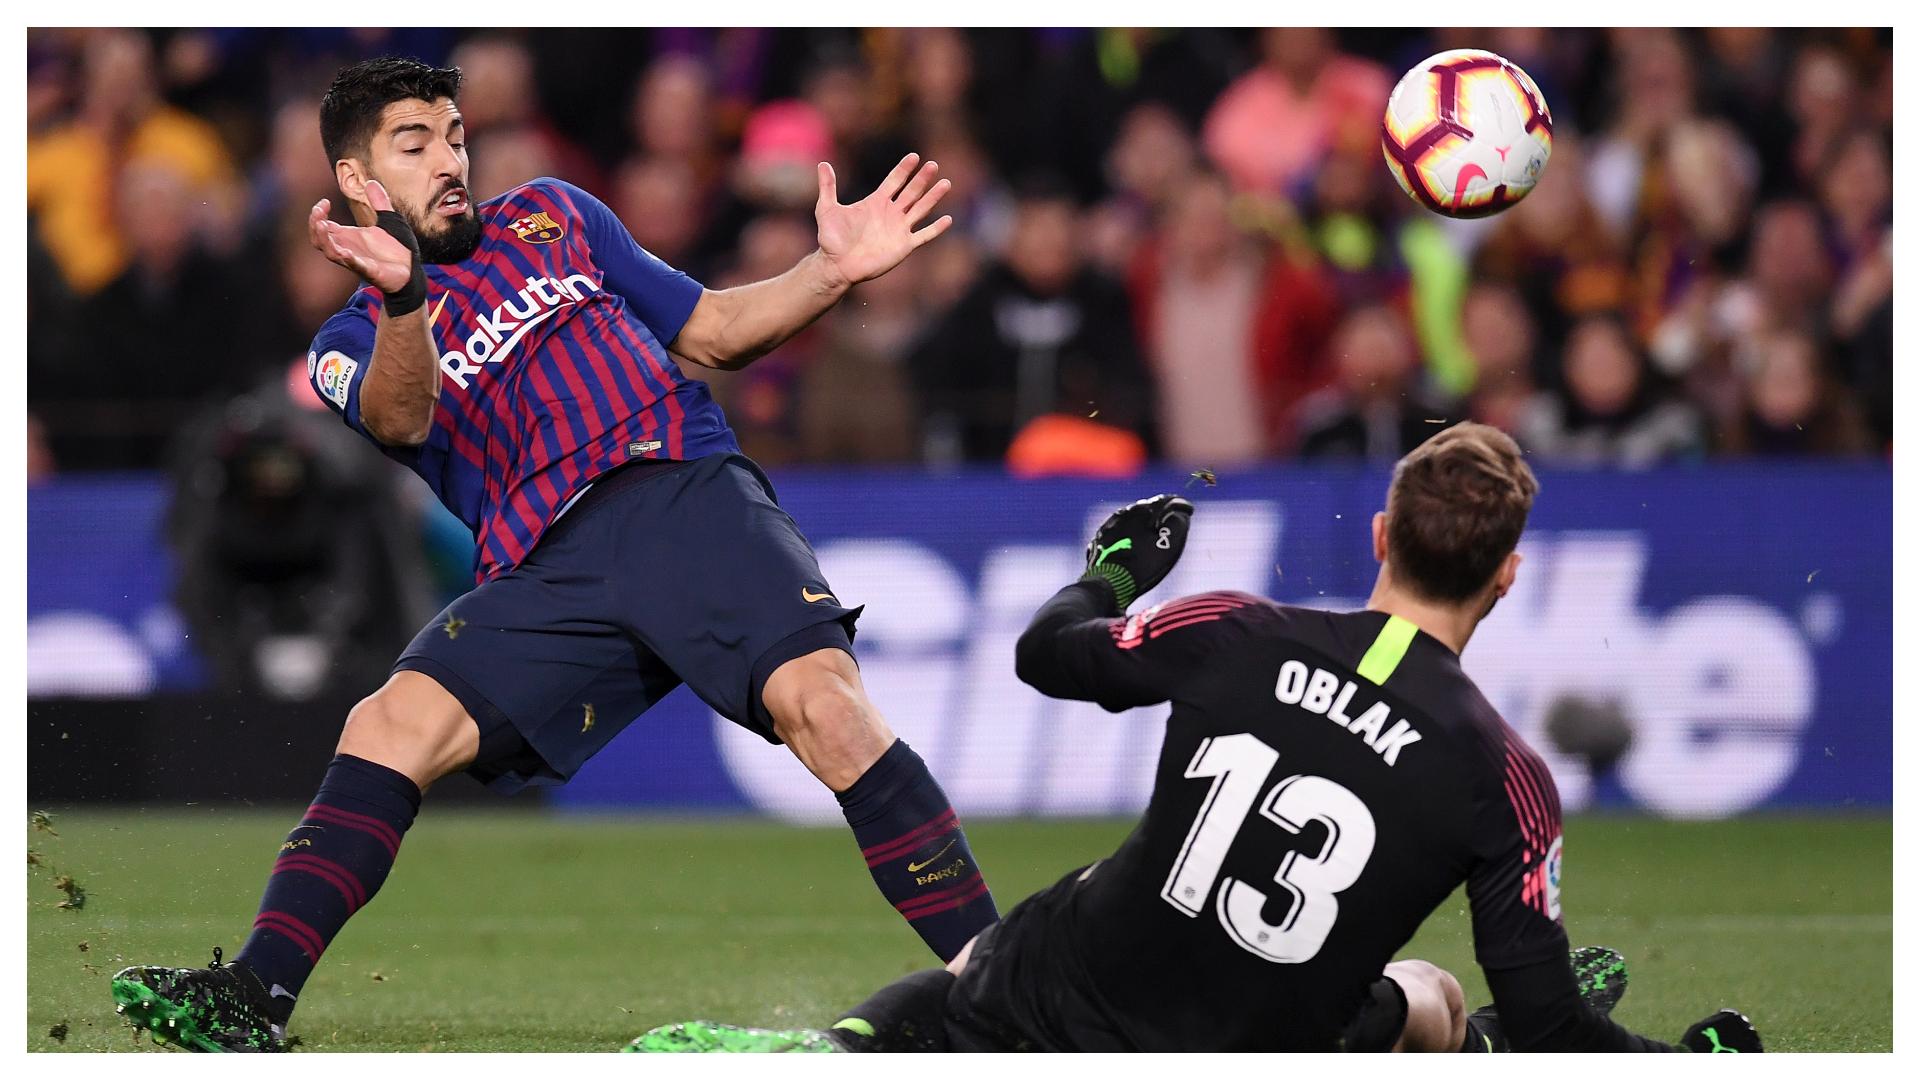 نتيجة بحث الصور عن موعد مباراة برشلونة واتلتيكو مدريد goal